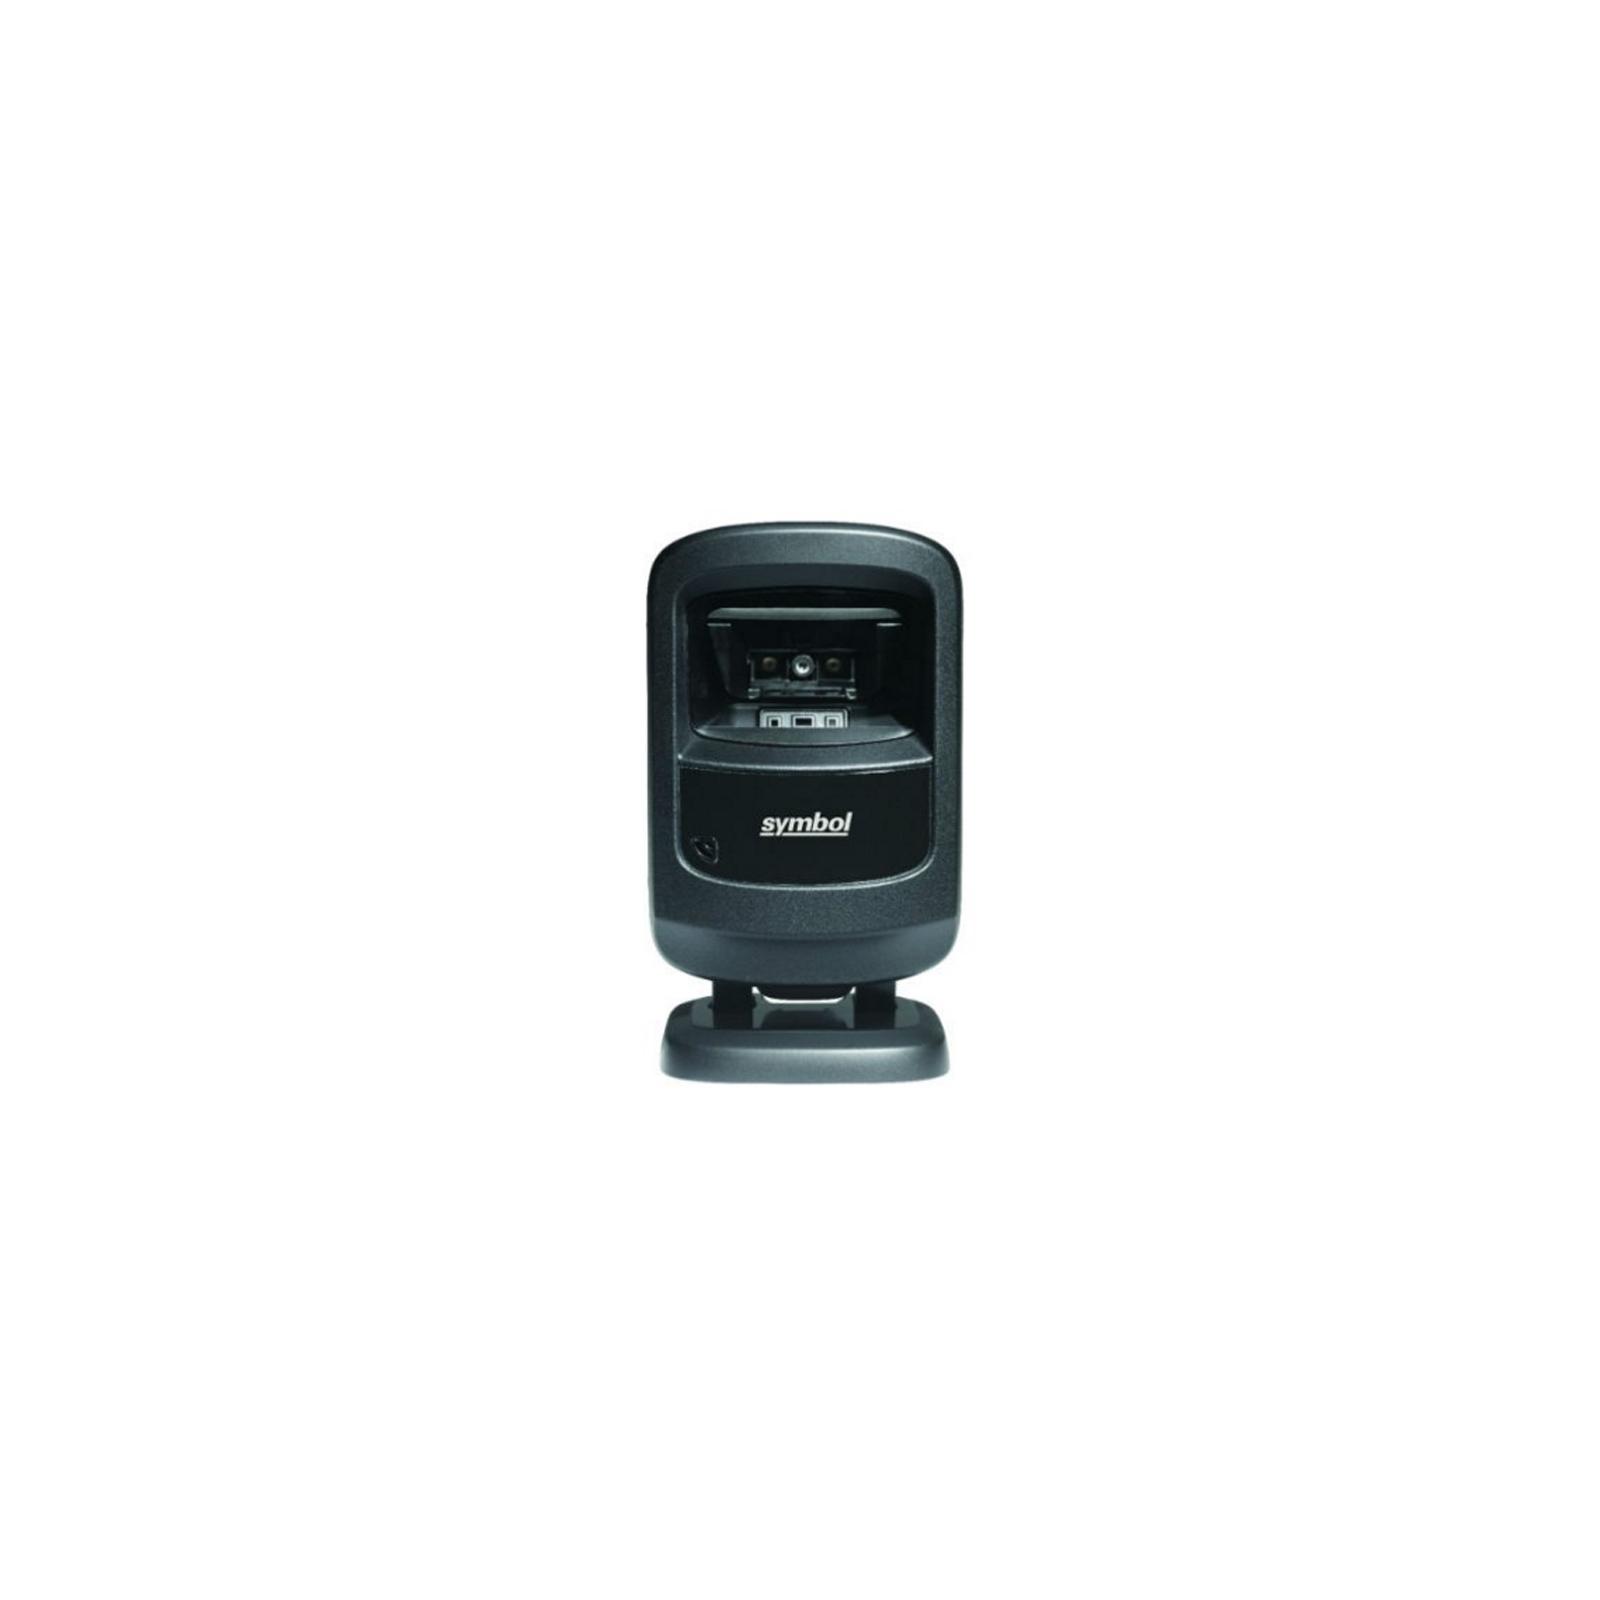 Сканер штрих-кода Symbol/Zebra DS9208 USB (DS9208-SR4NNU21ZE) изображение 2